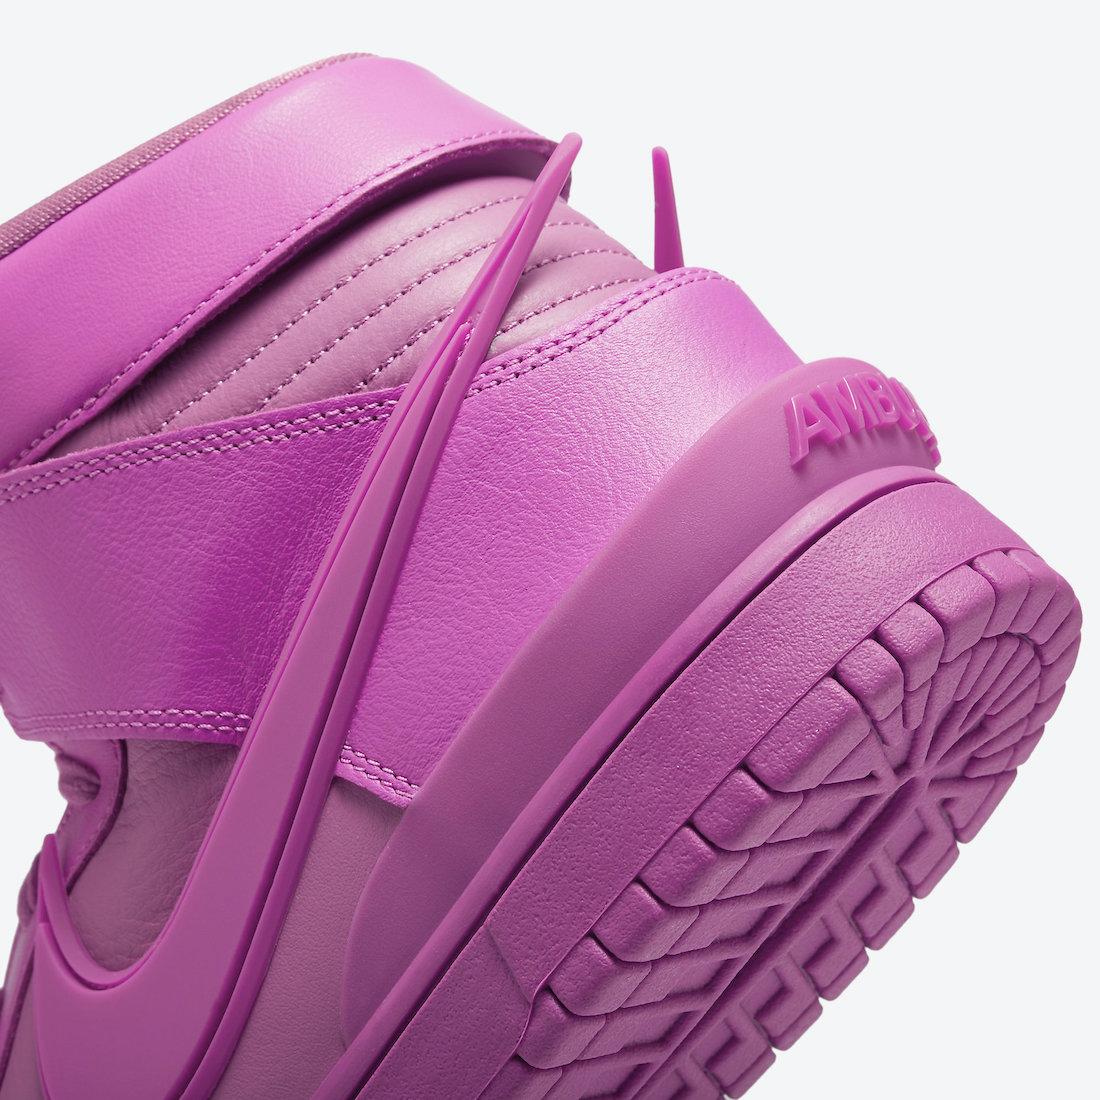 Ambush-Nike-Dunk-High-Cosmic-Fuchsia-CU7544-600-Release-Date-7